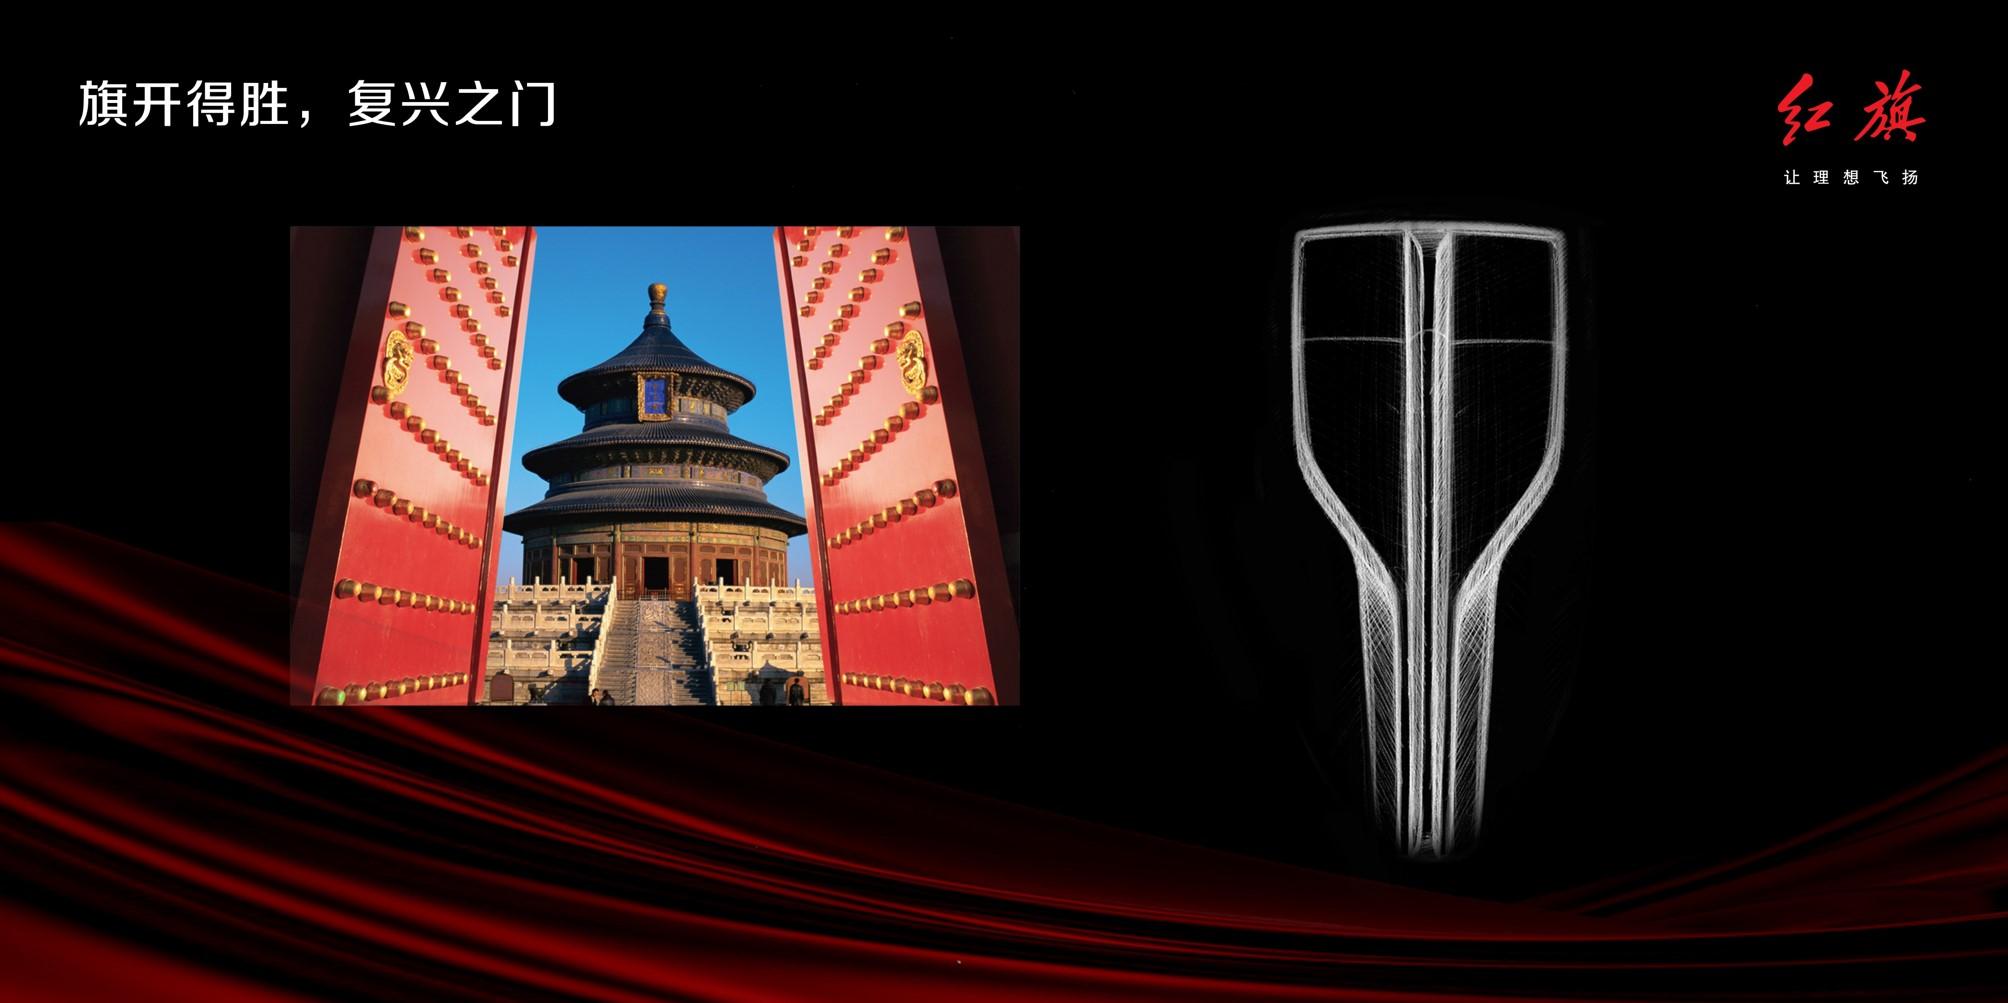 红旗概念雕塑模型亮相 凸显中国式豪华